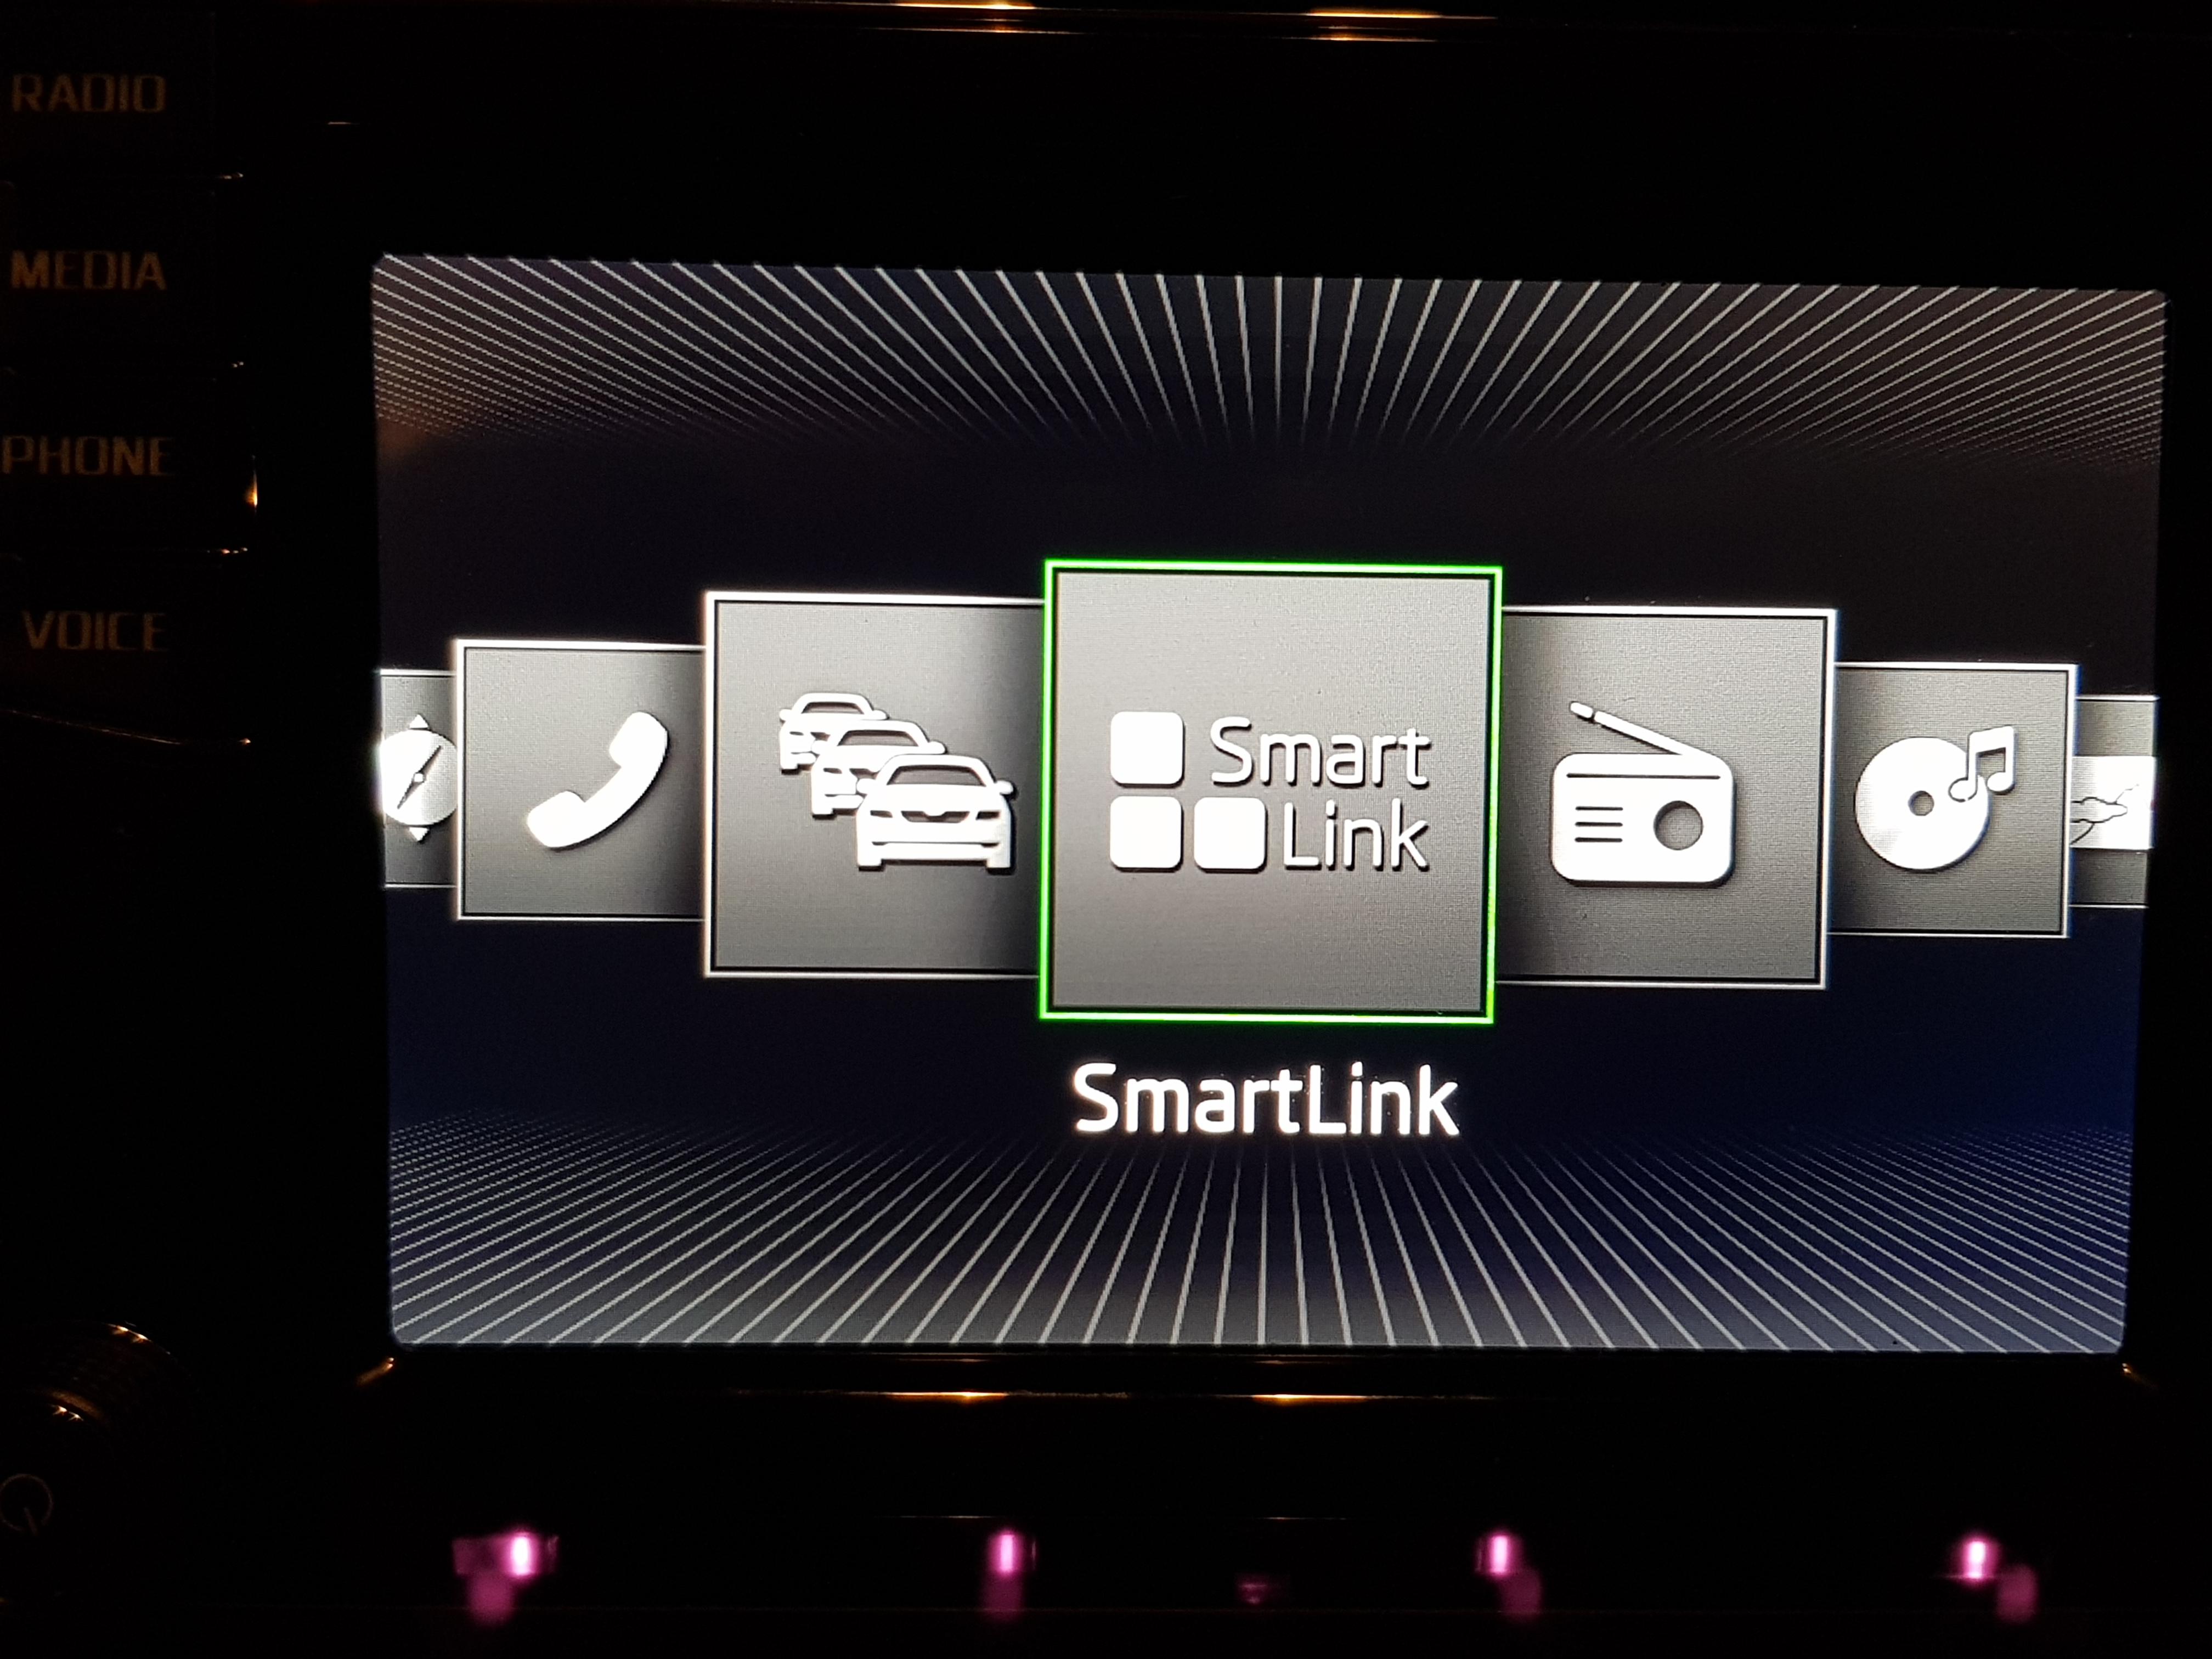 Smartlink Activation Skoda Yeti 2016 - Skoda Yeti - BRISKODA